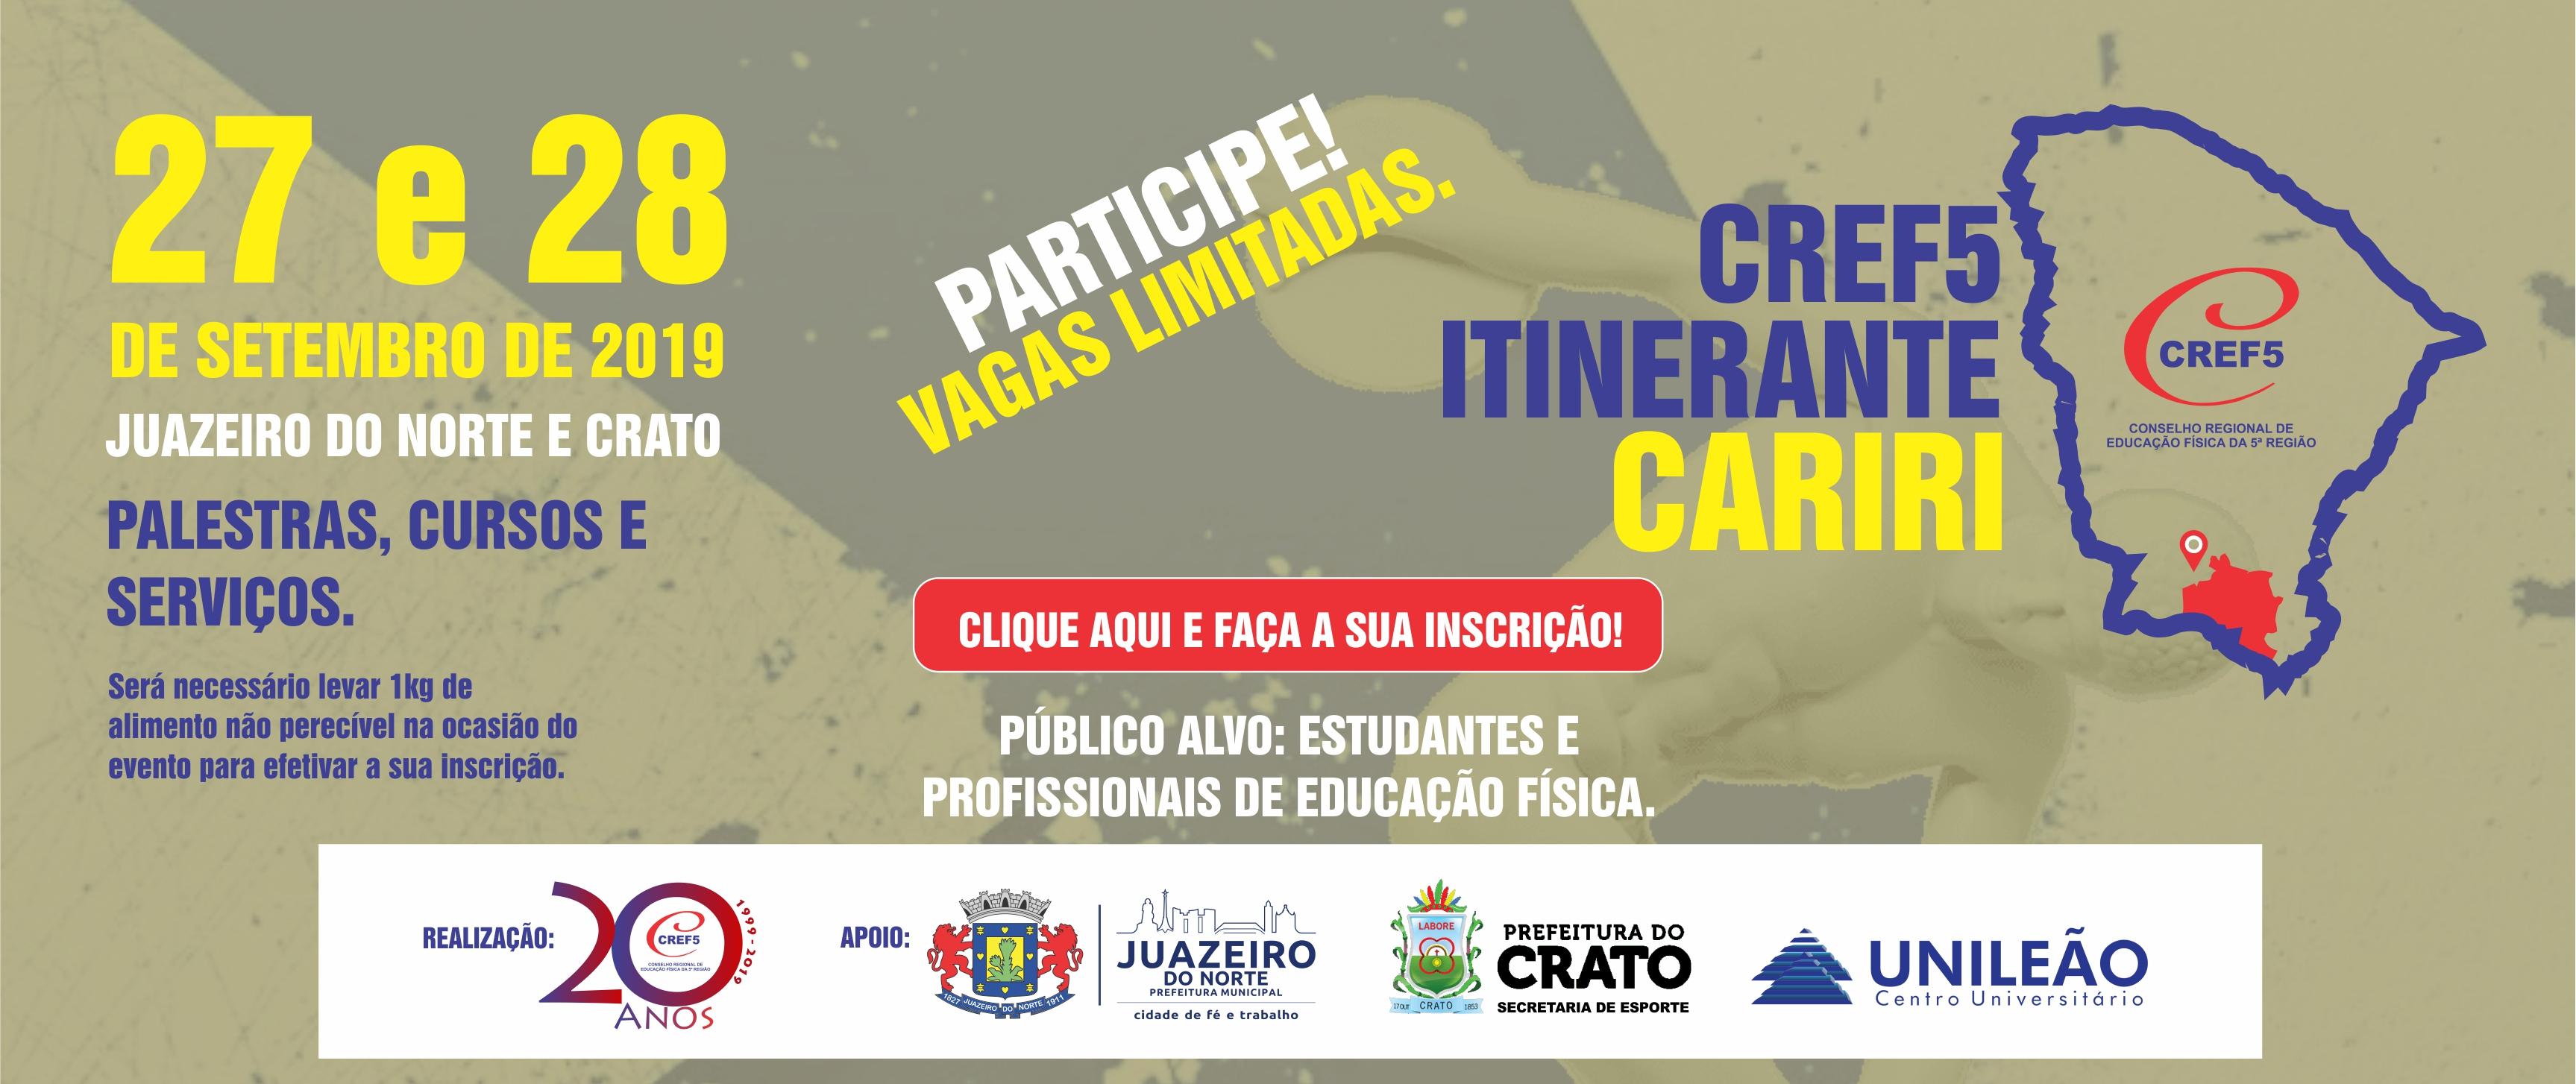 cref5 cariri